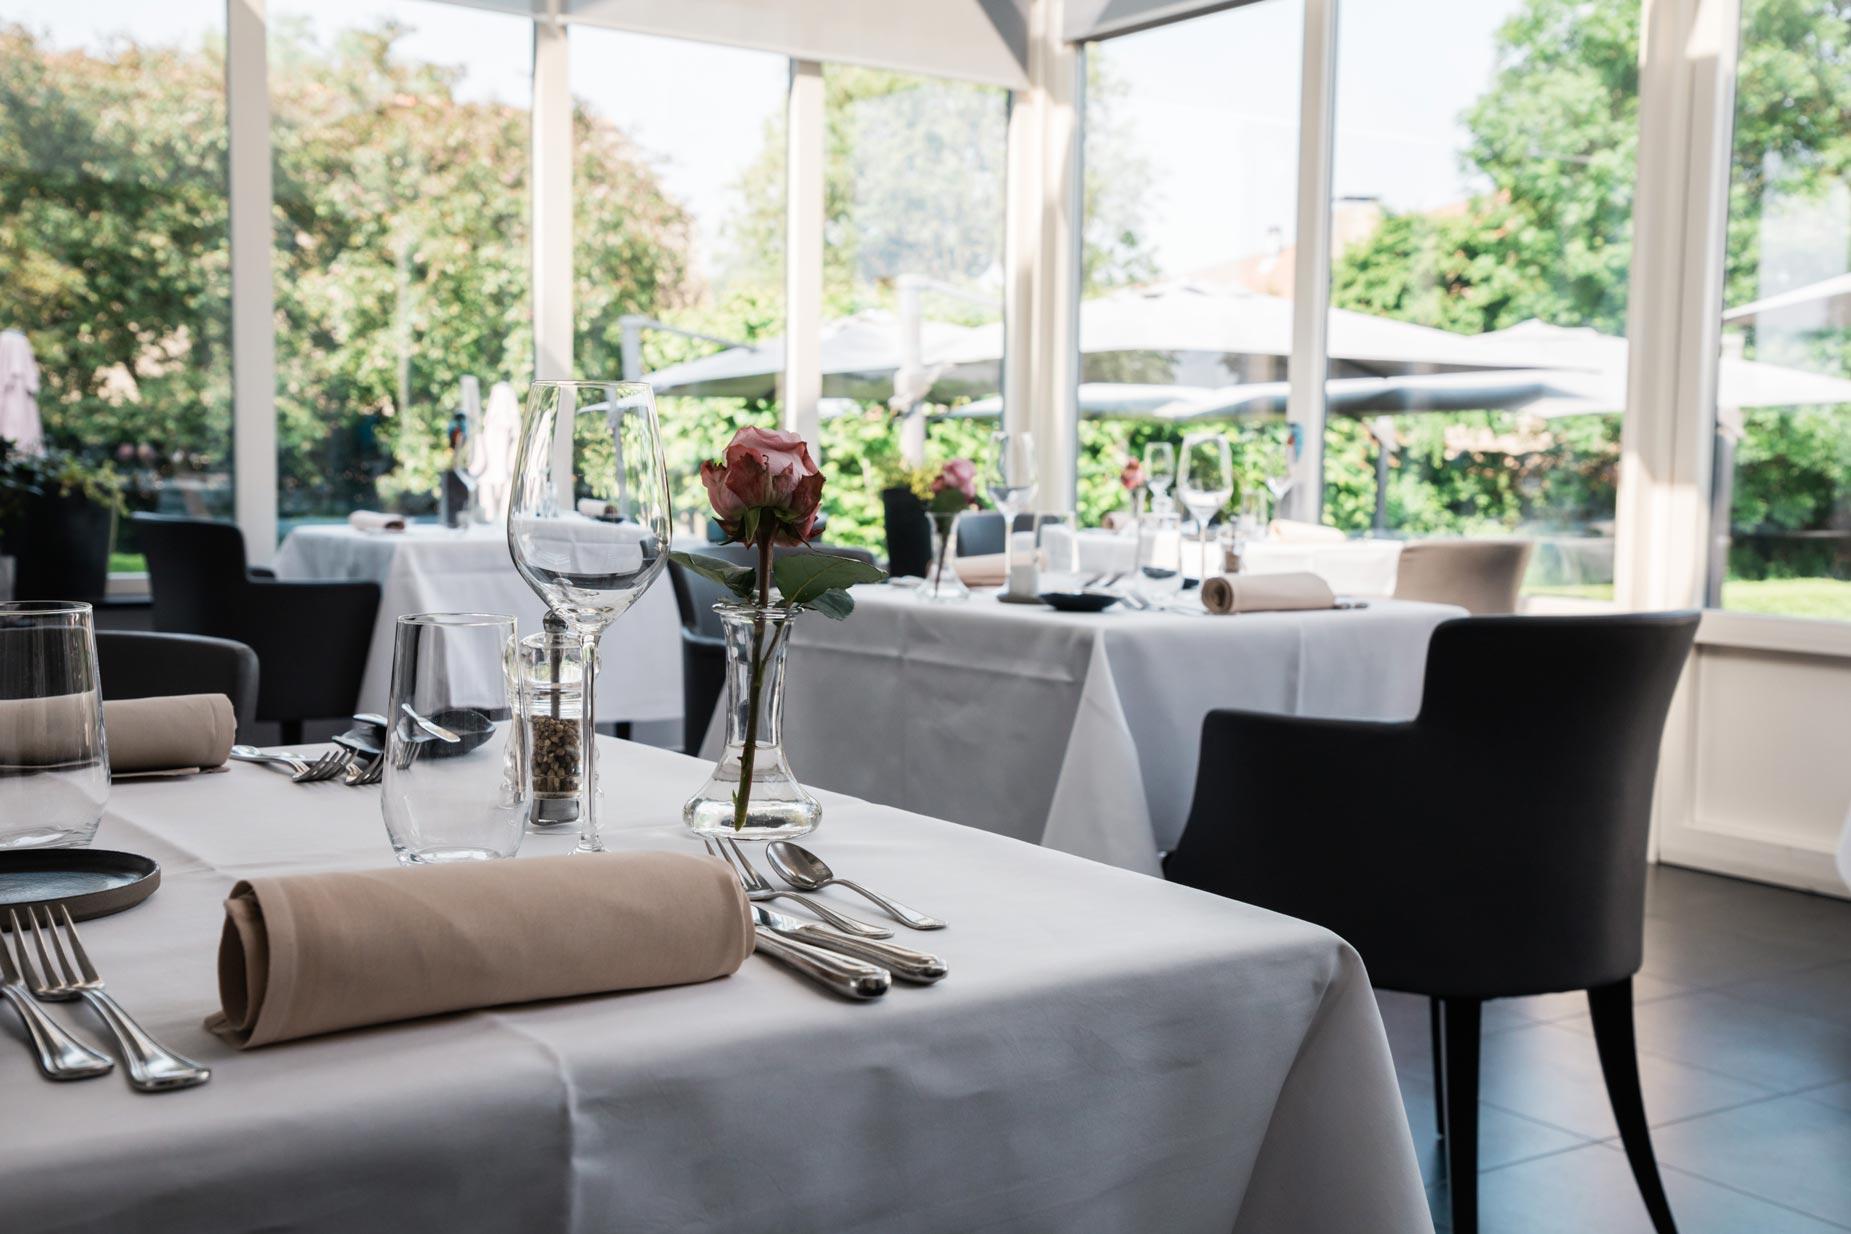 restaurant-de-vijverhoeve-sluis-85>